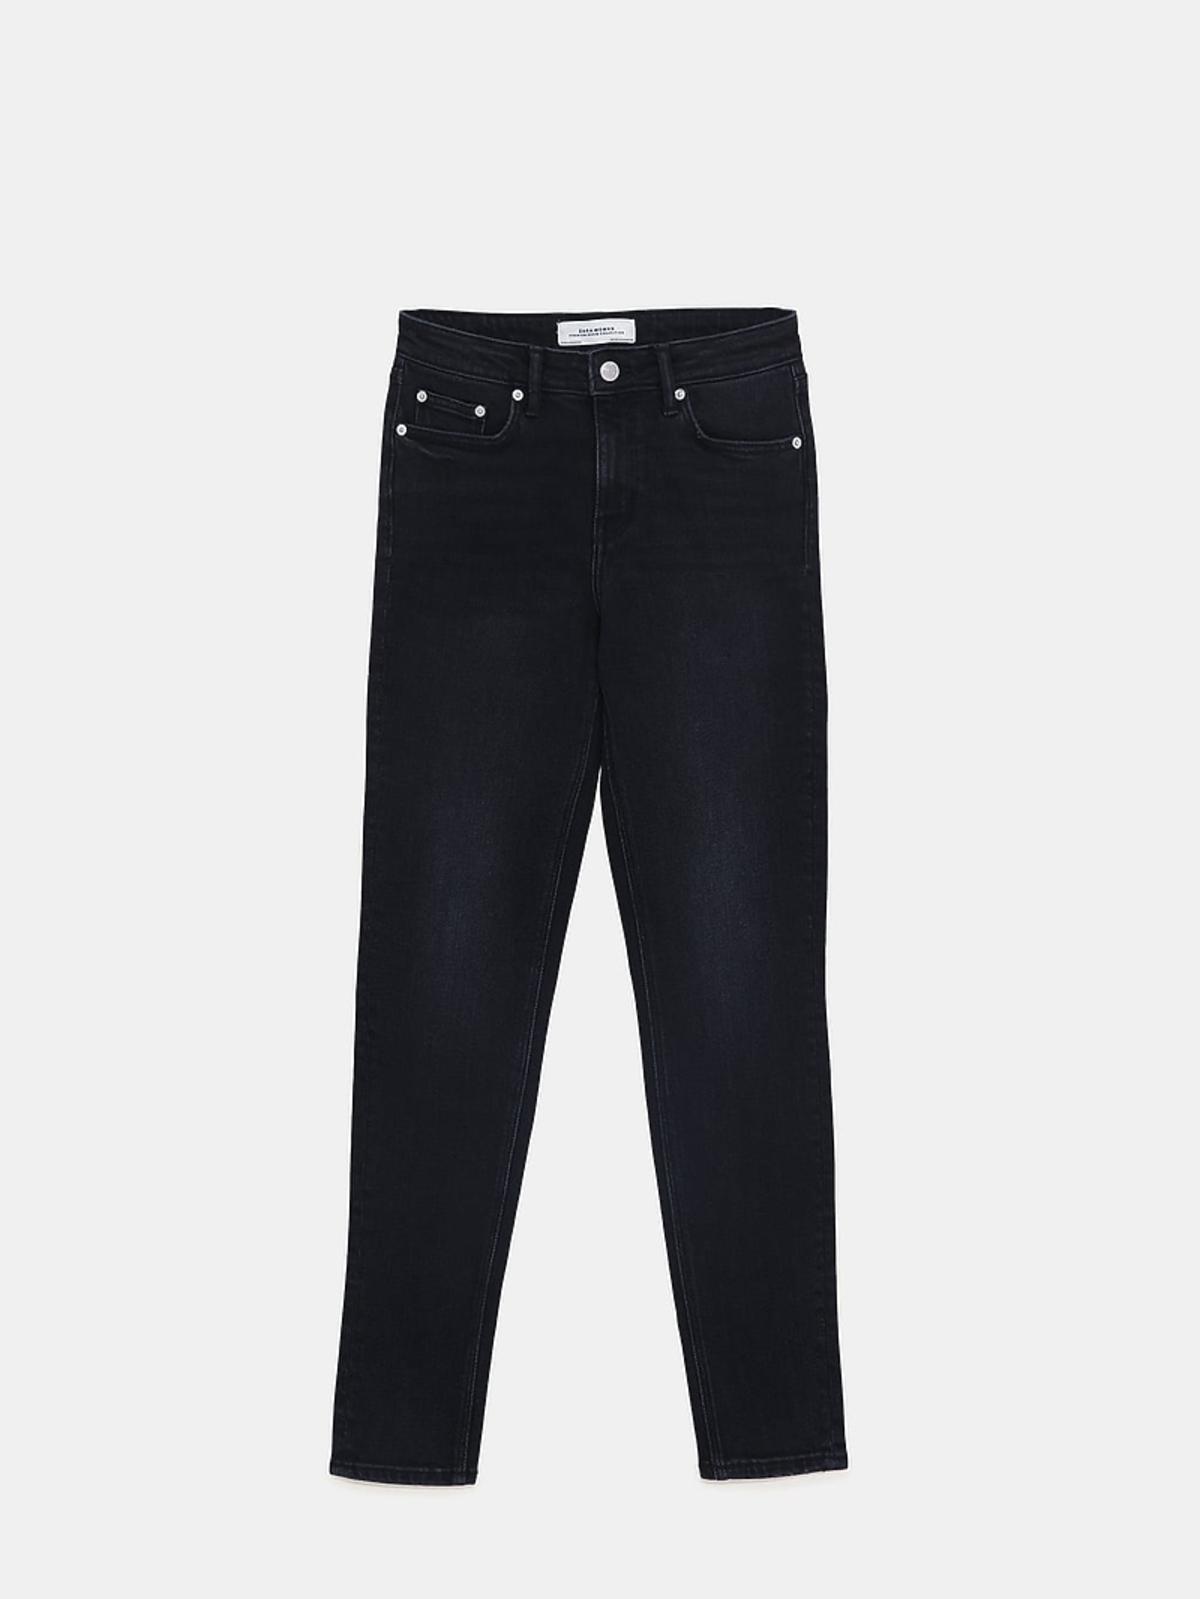 Spodnie Zara cena 139 zł